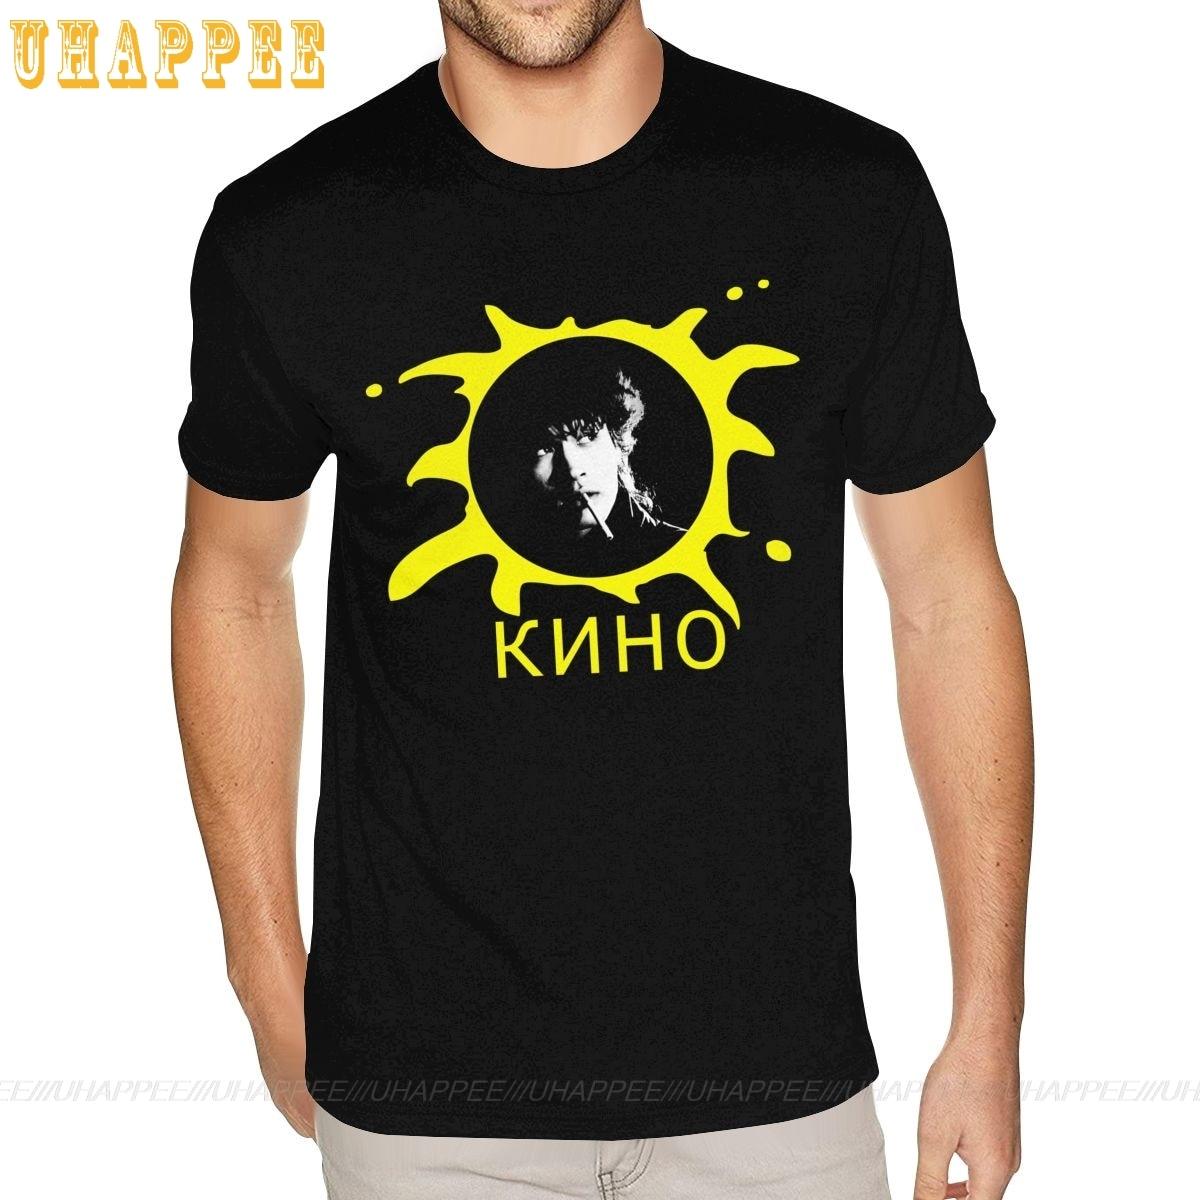 Russische Kino Band Konzert Tour Logo T Shirts Männlich 3D Print T Shirt Mann Kurzarm Günstige Marke Top Bekleidung